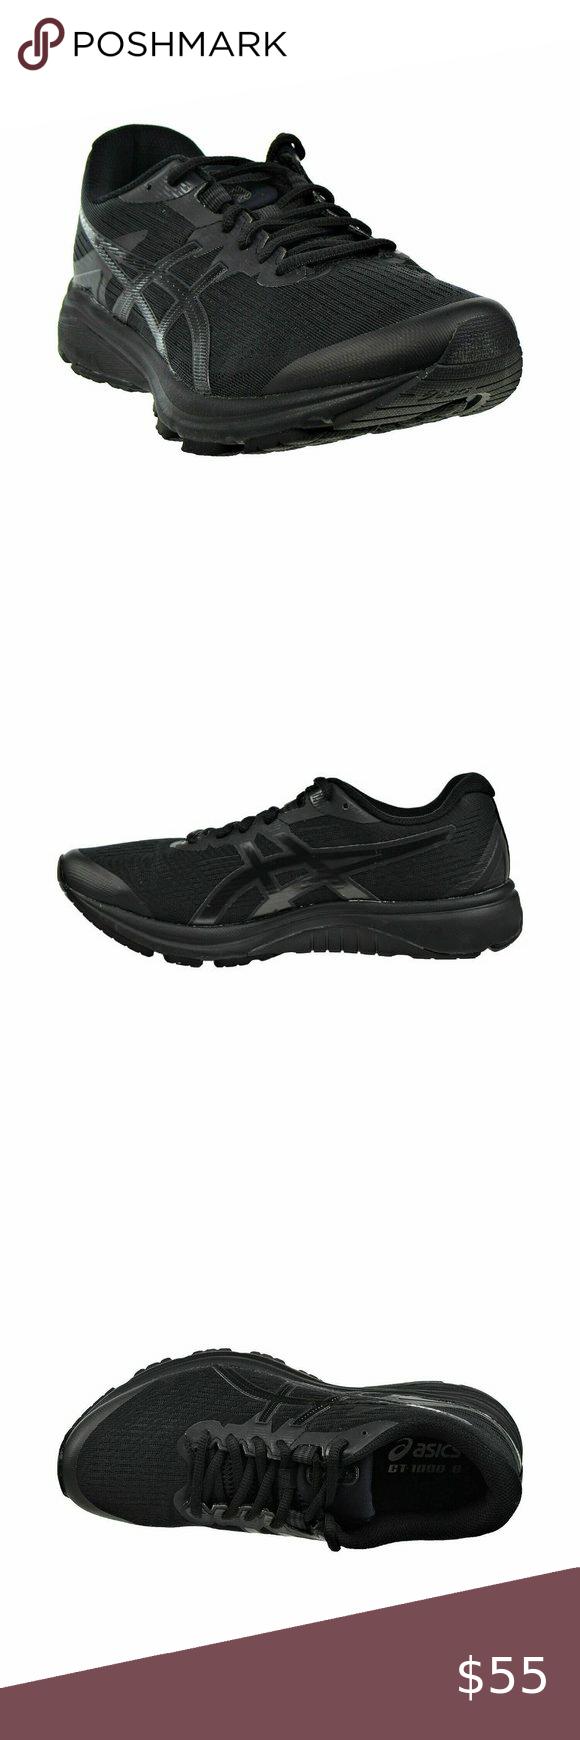 Asics GT-10006 (4E) Men's Running Shoes